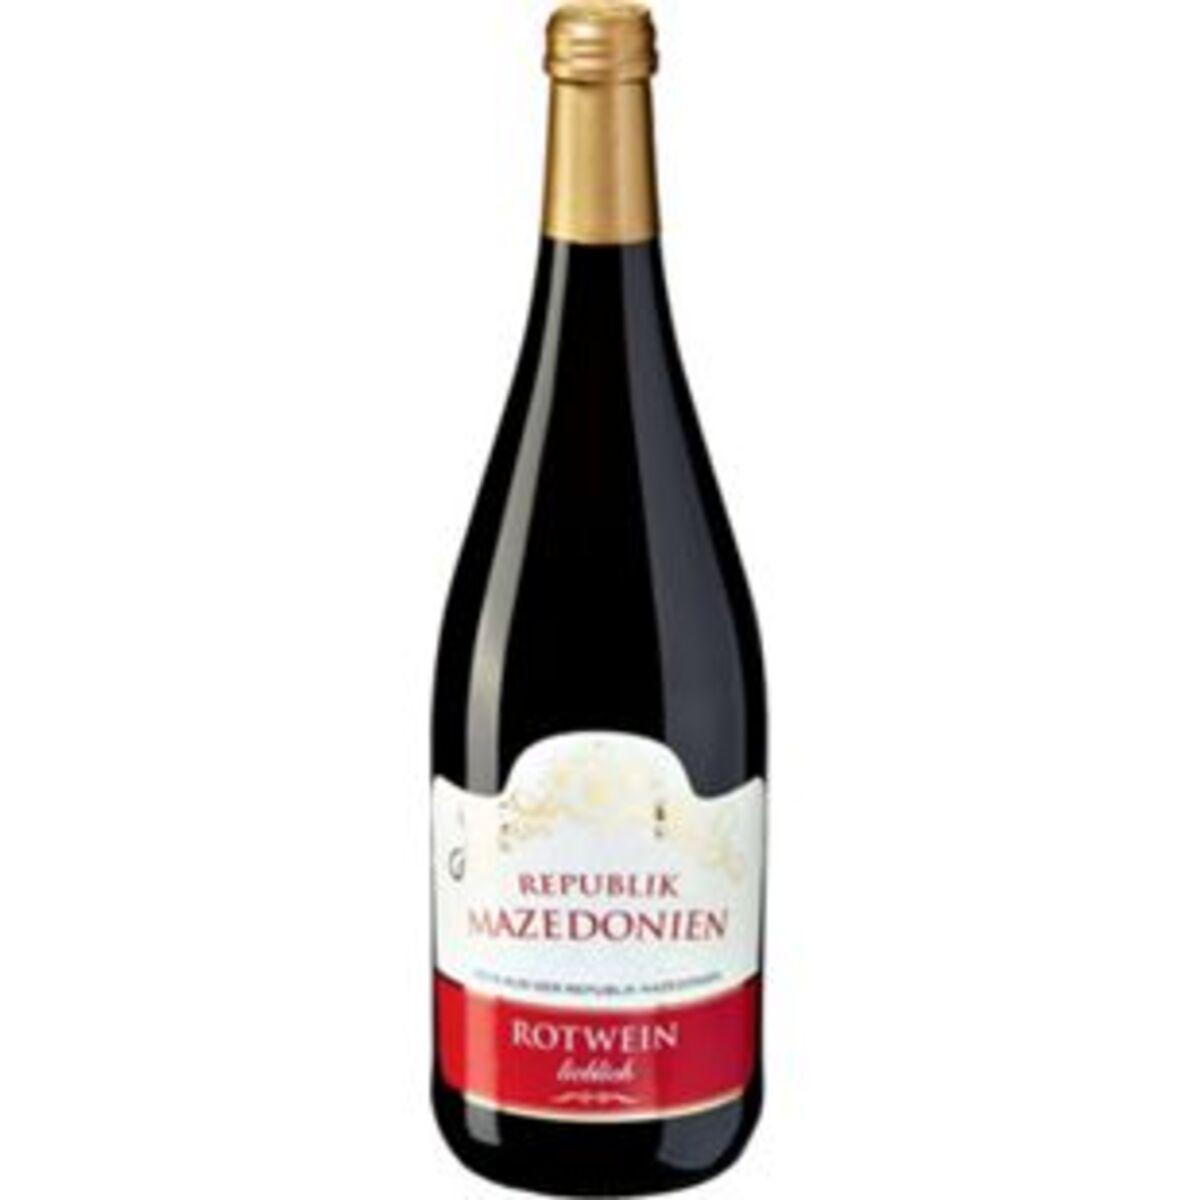 Bild 2 von Rotwein aus der Republik Nordmazedonien 10,0 % vol 1 Liter